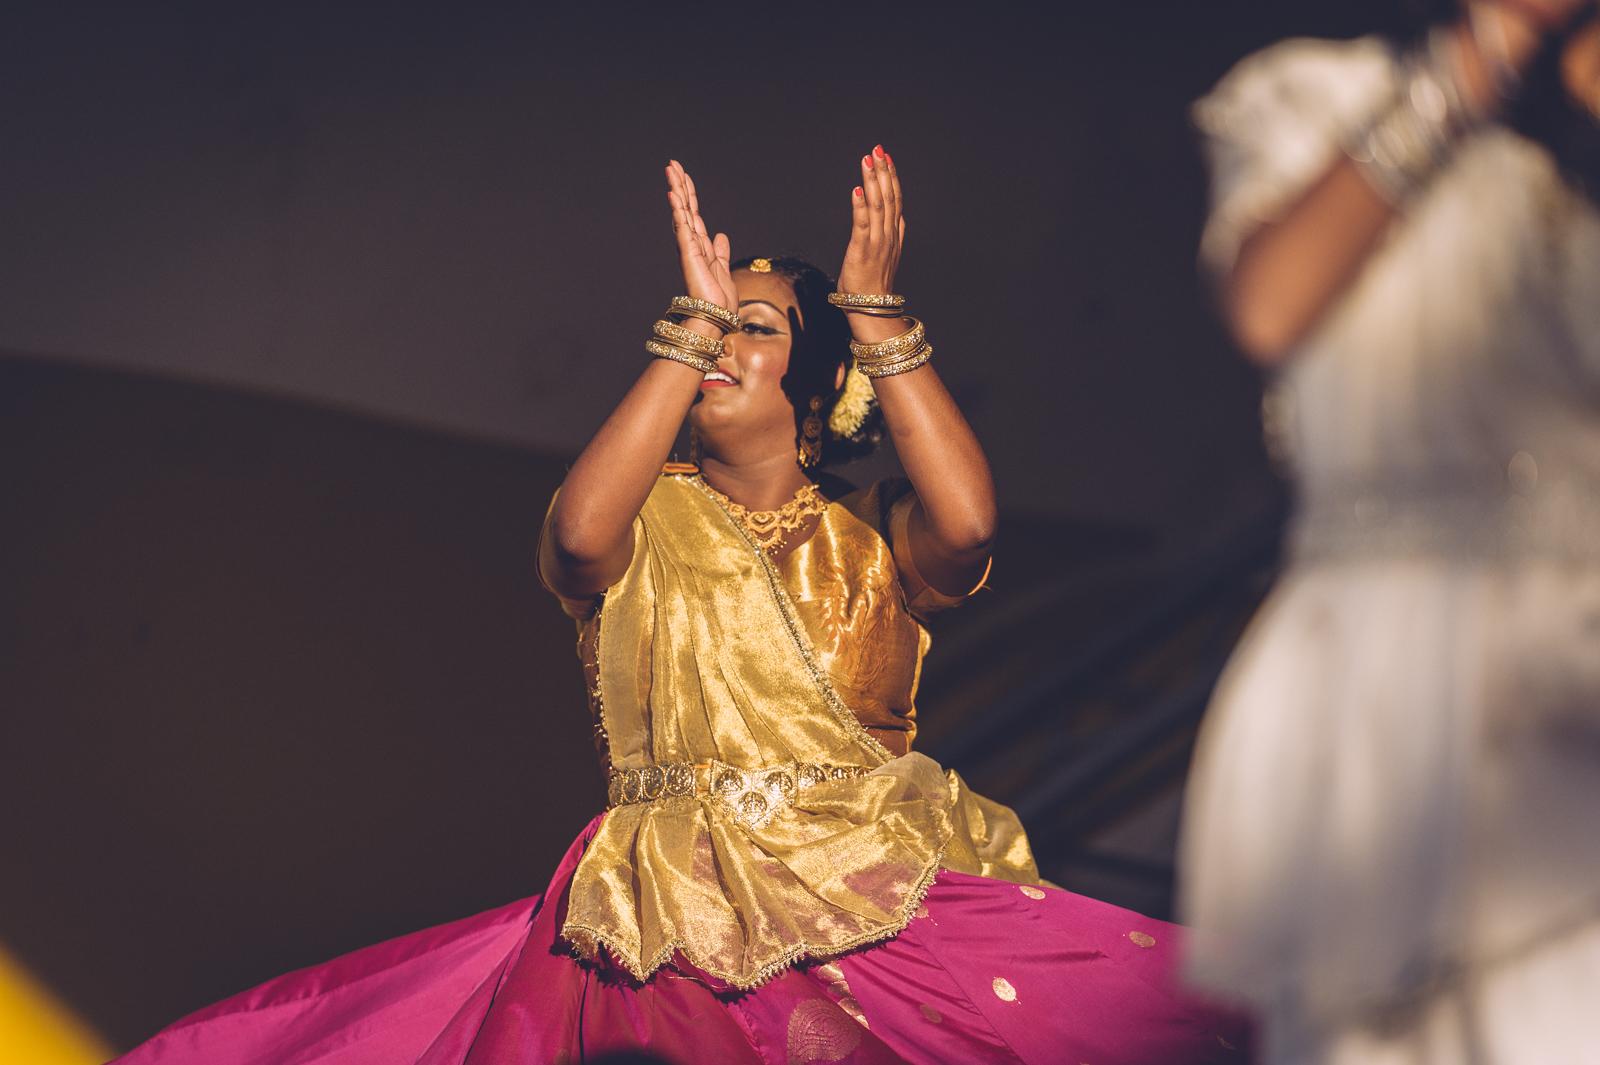 festival_of_india_2015_blog57.jpg